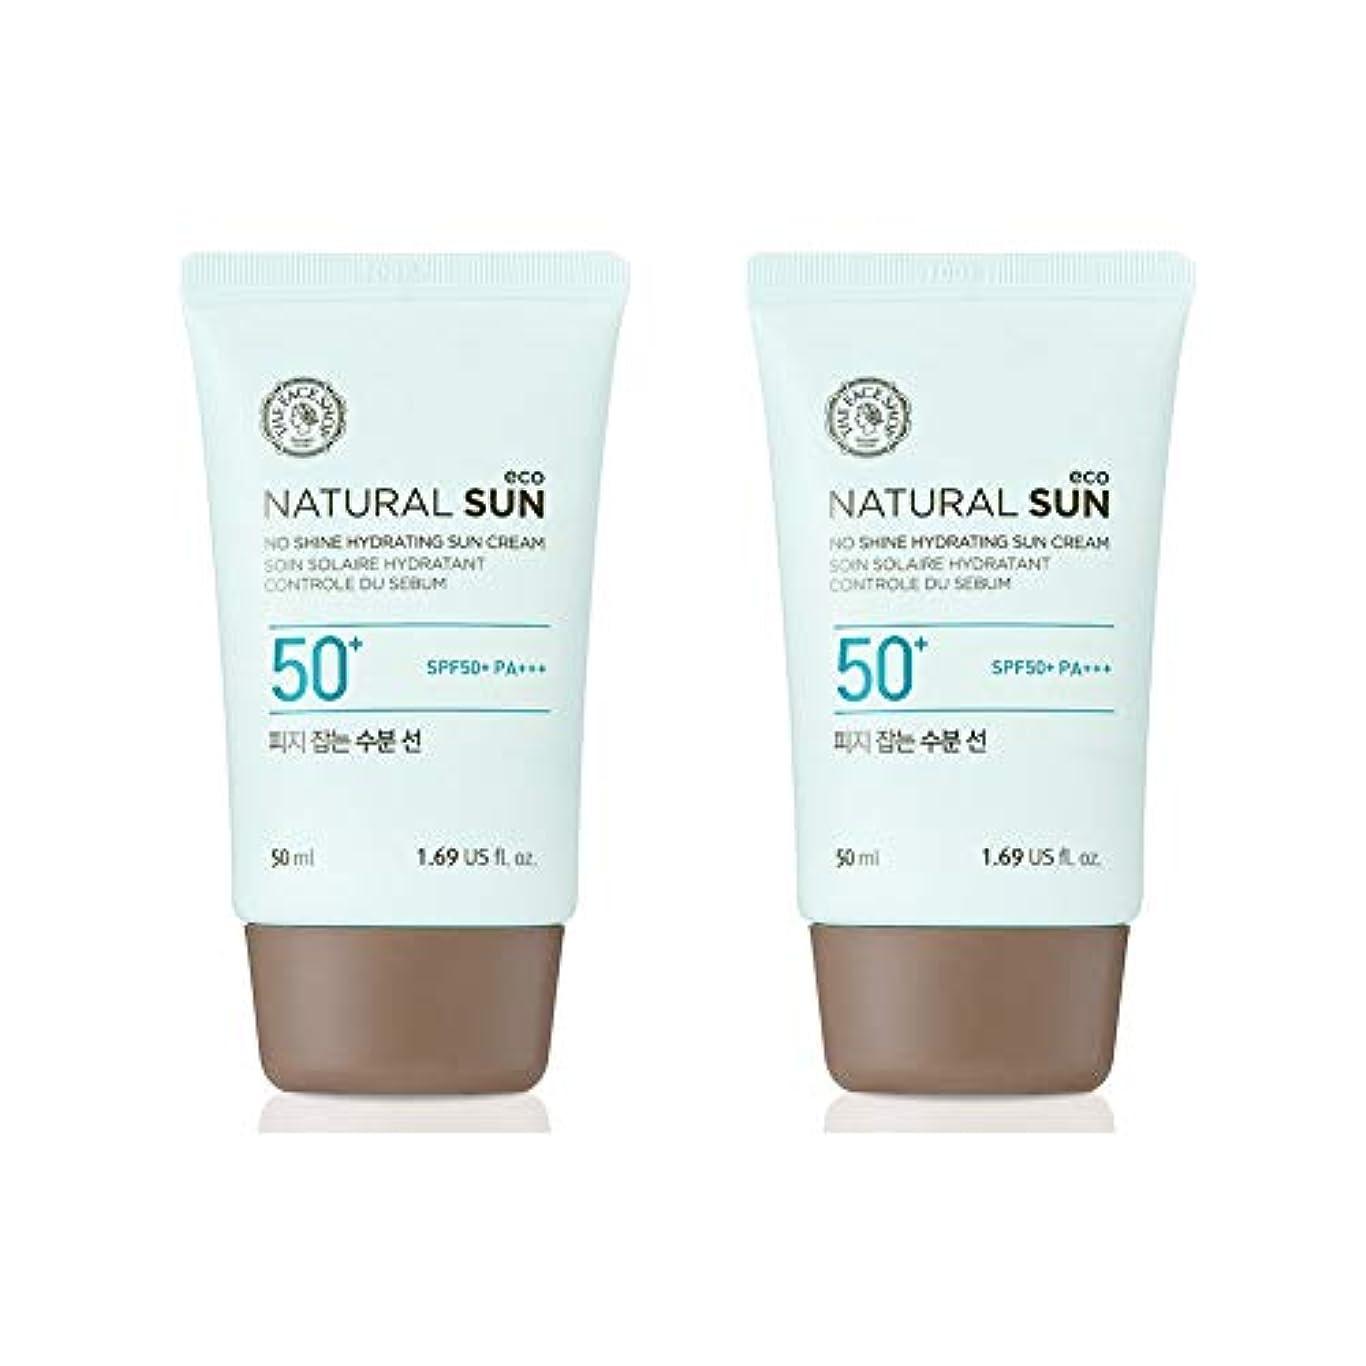 ヒロイック前提条件旅行代理店ザ?フェイスショップネチュロルソンエコフィジーサン?クリームSPF50+PA+++50ml x 2本セット韓国コスメ、The Face Shop Natural Sun Eco No Shine Hydrating Sun Cream SPF50+ PA+++ 50ml x 2ea Set Korean Cosmetics [並行輸入品]